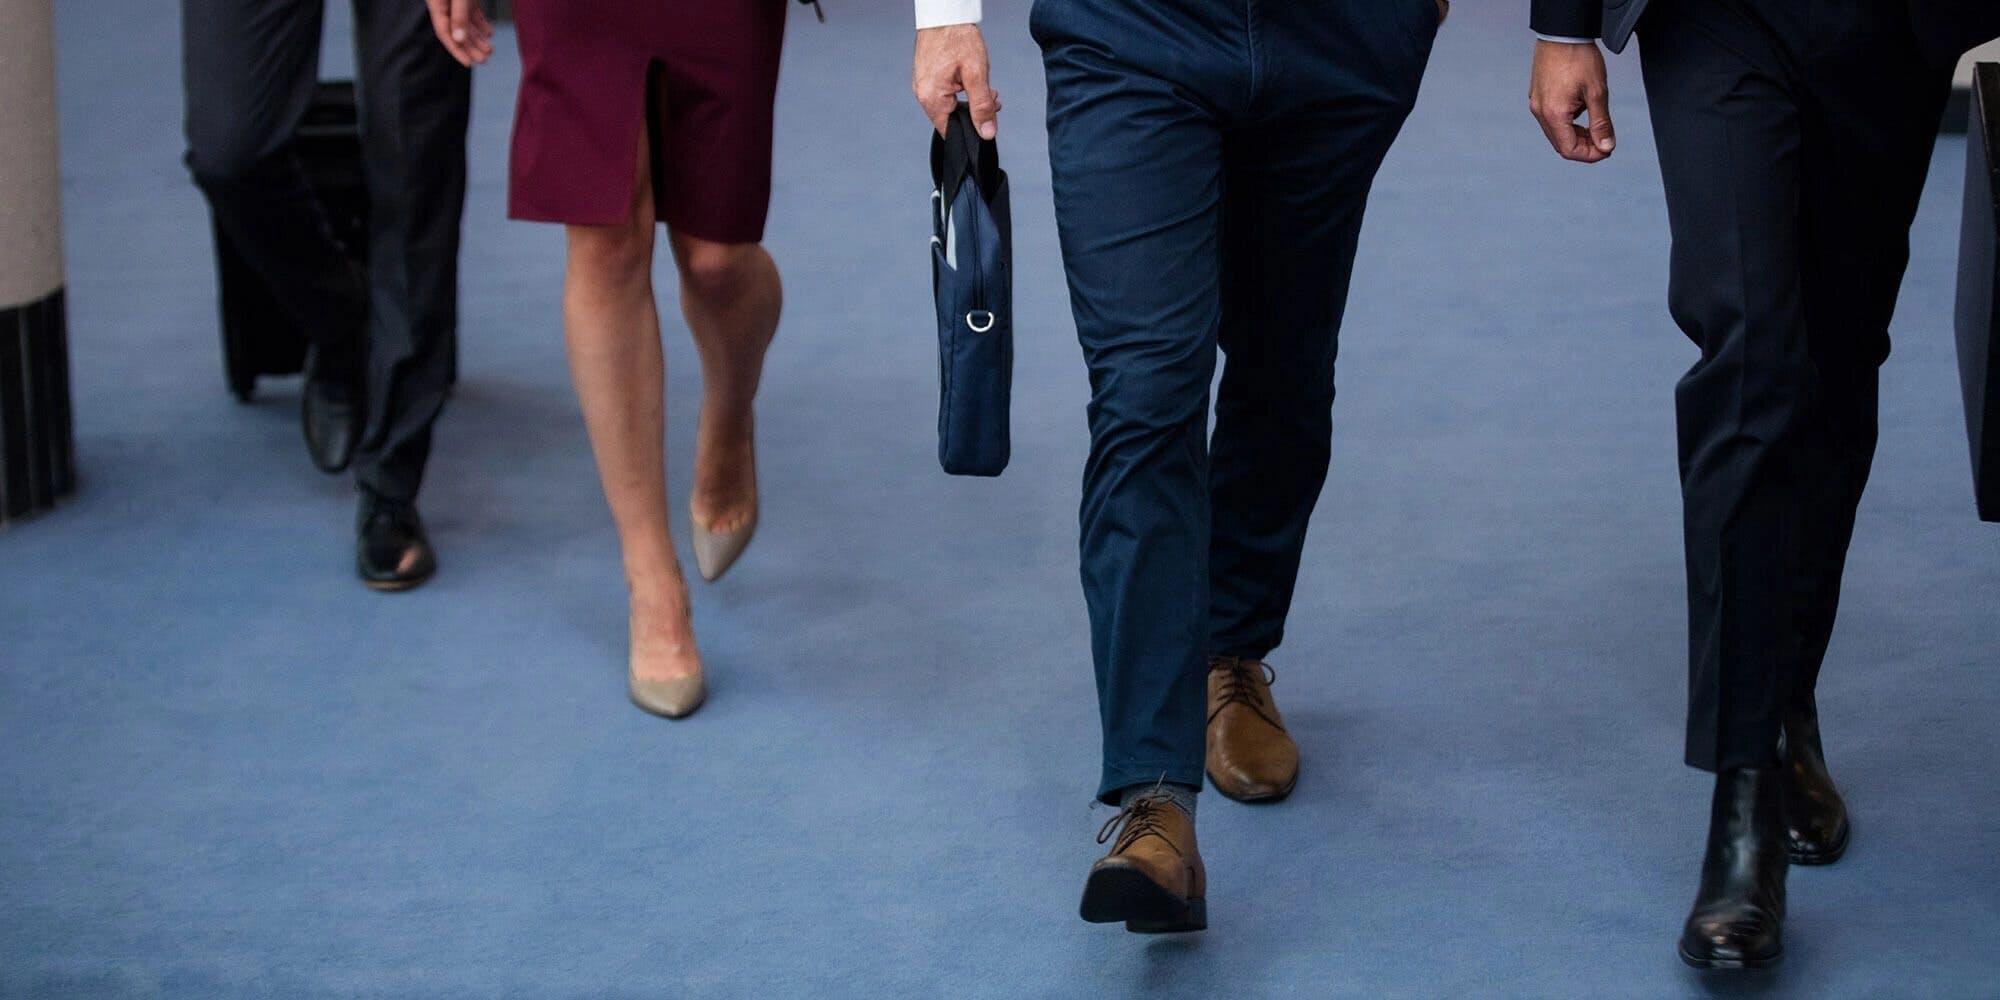 legs of people walking